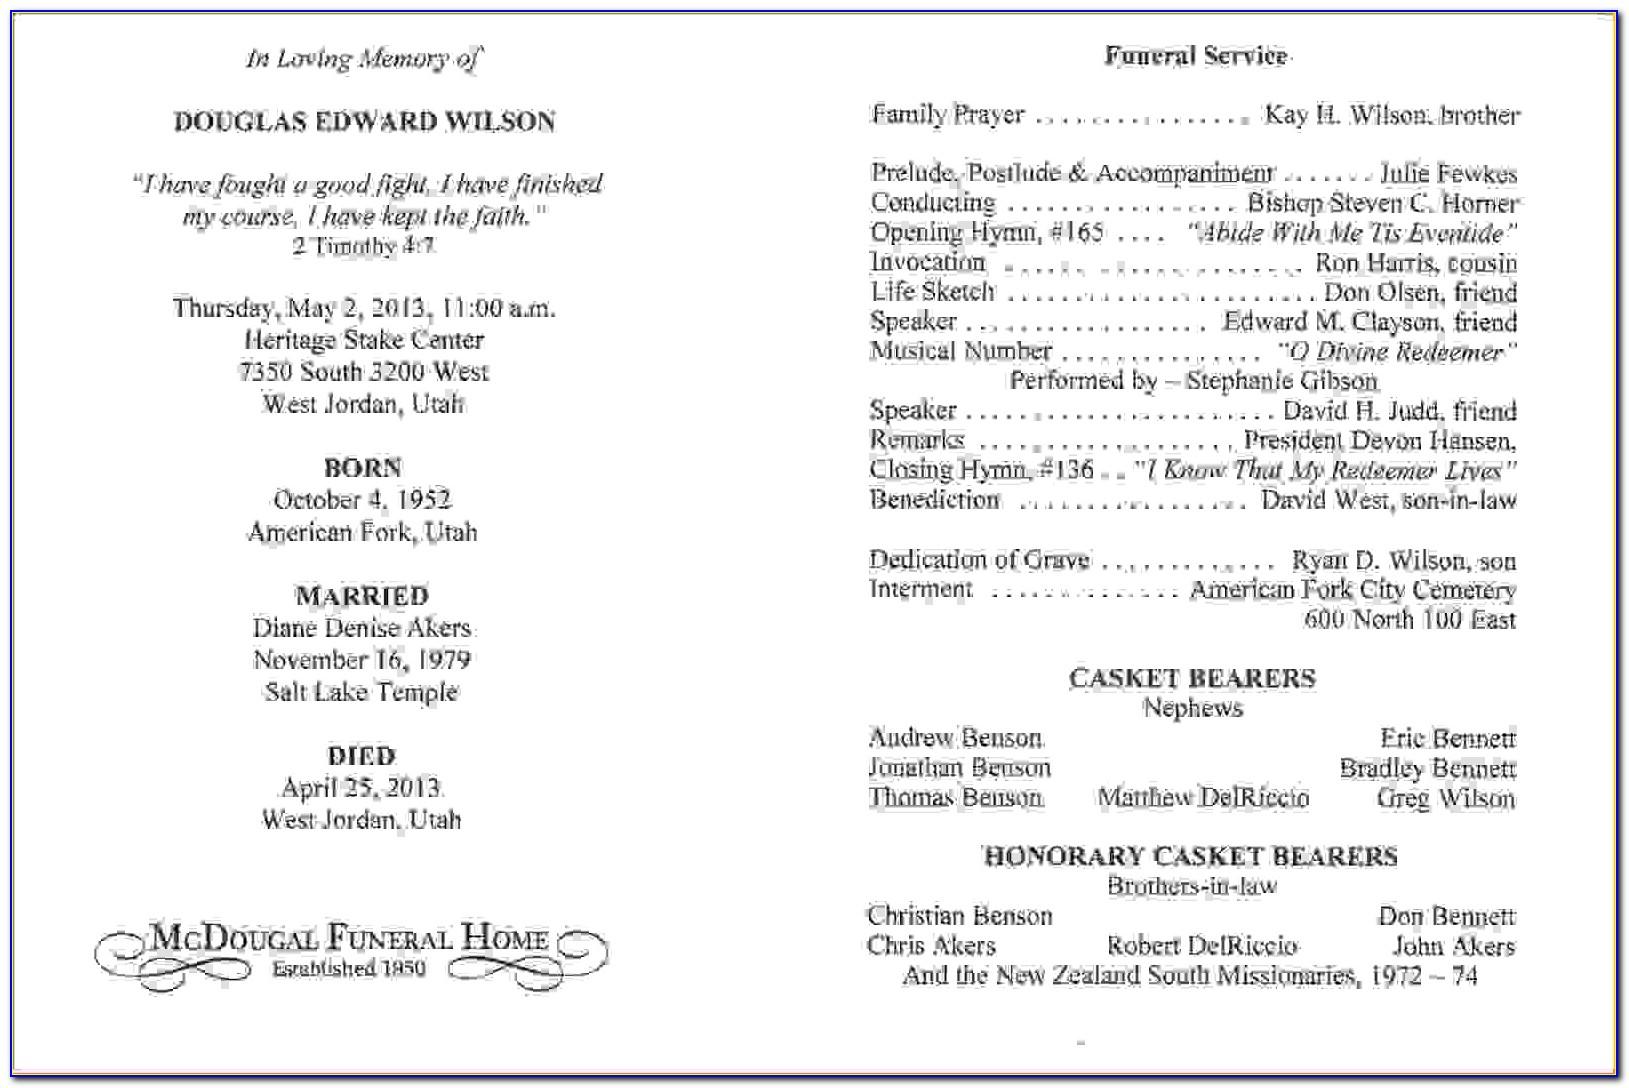 Funeral Mass Program Word Template